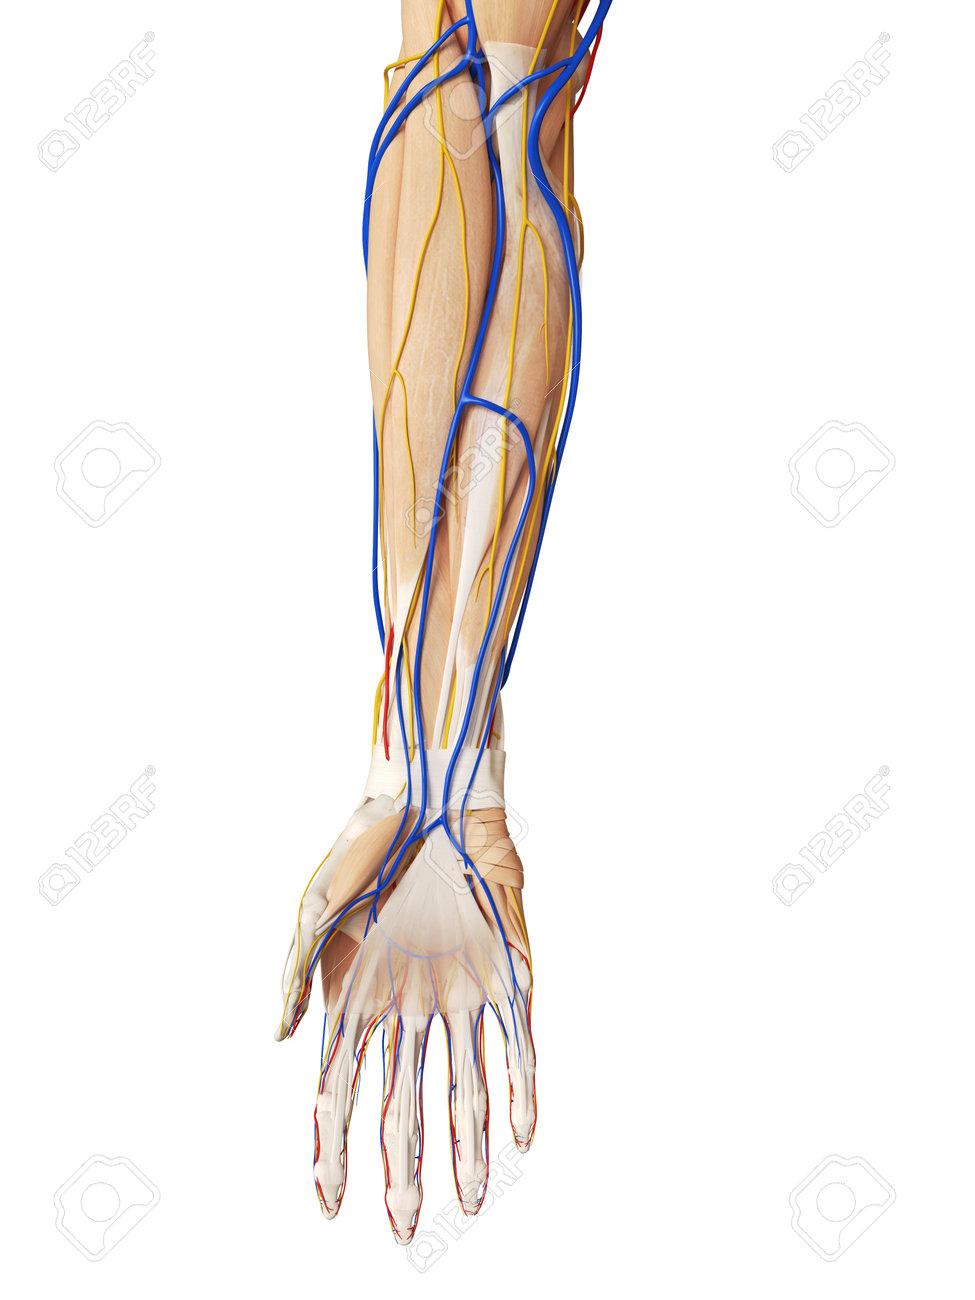 Arm Vessel Anatomy Gallery - human body anatomy